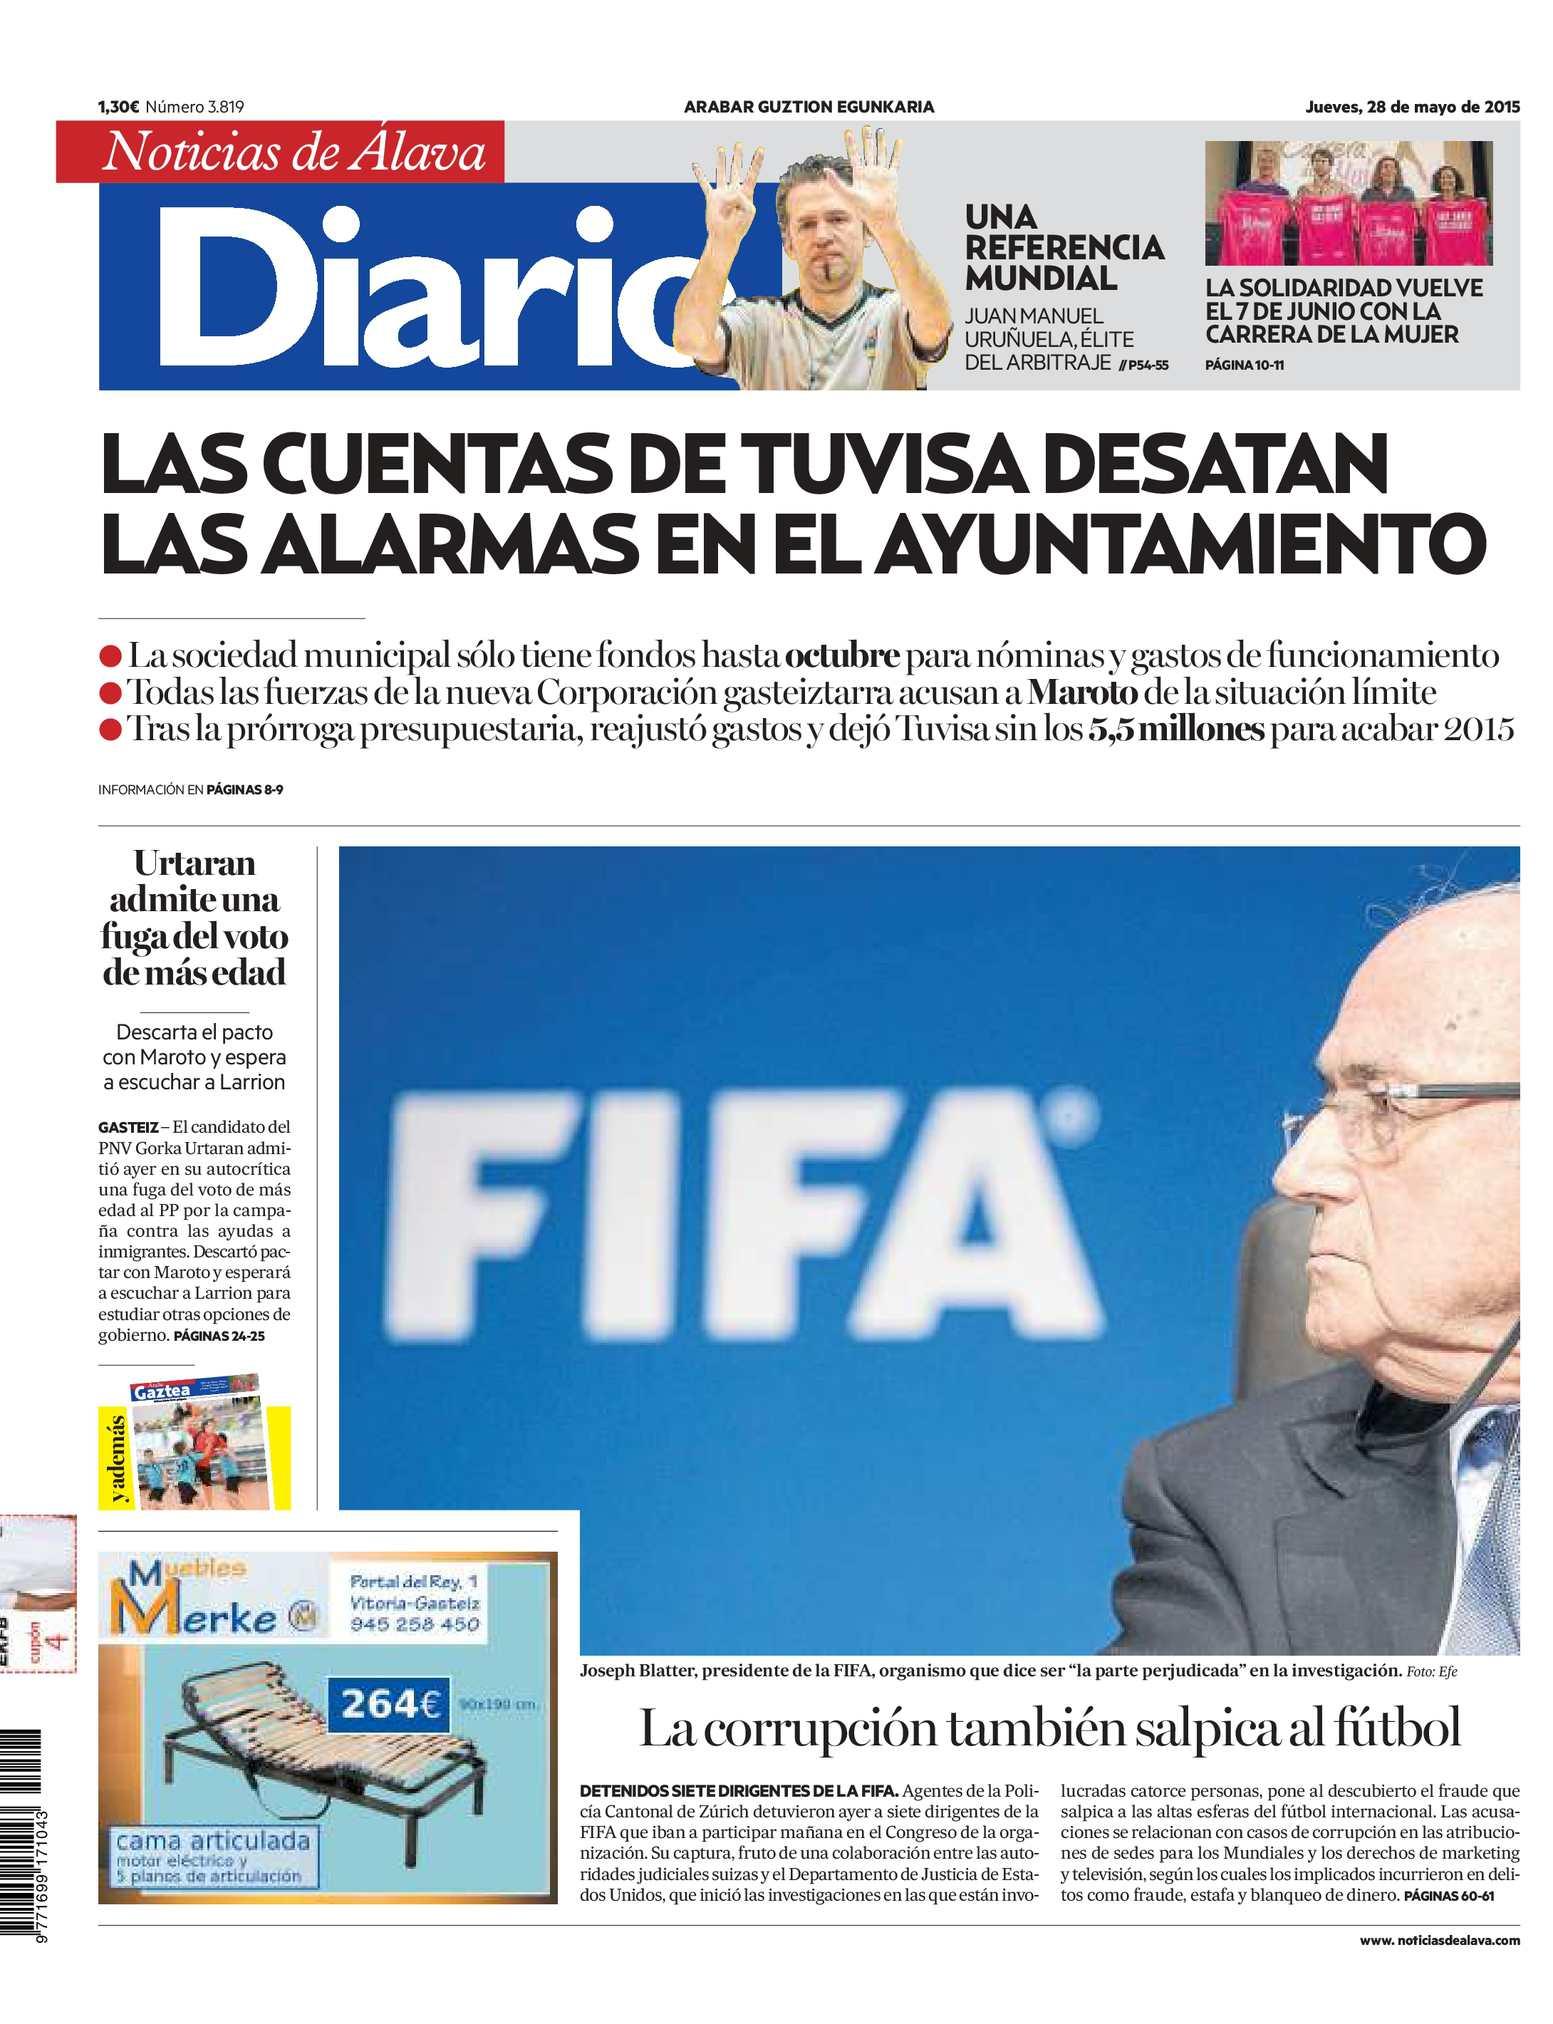 cfcdf9d7e1216 Calaméo - Diario de Noticias de Álava 20150528